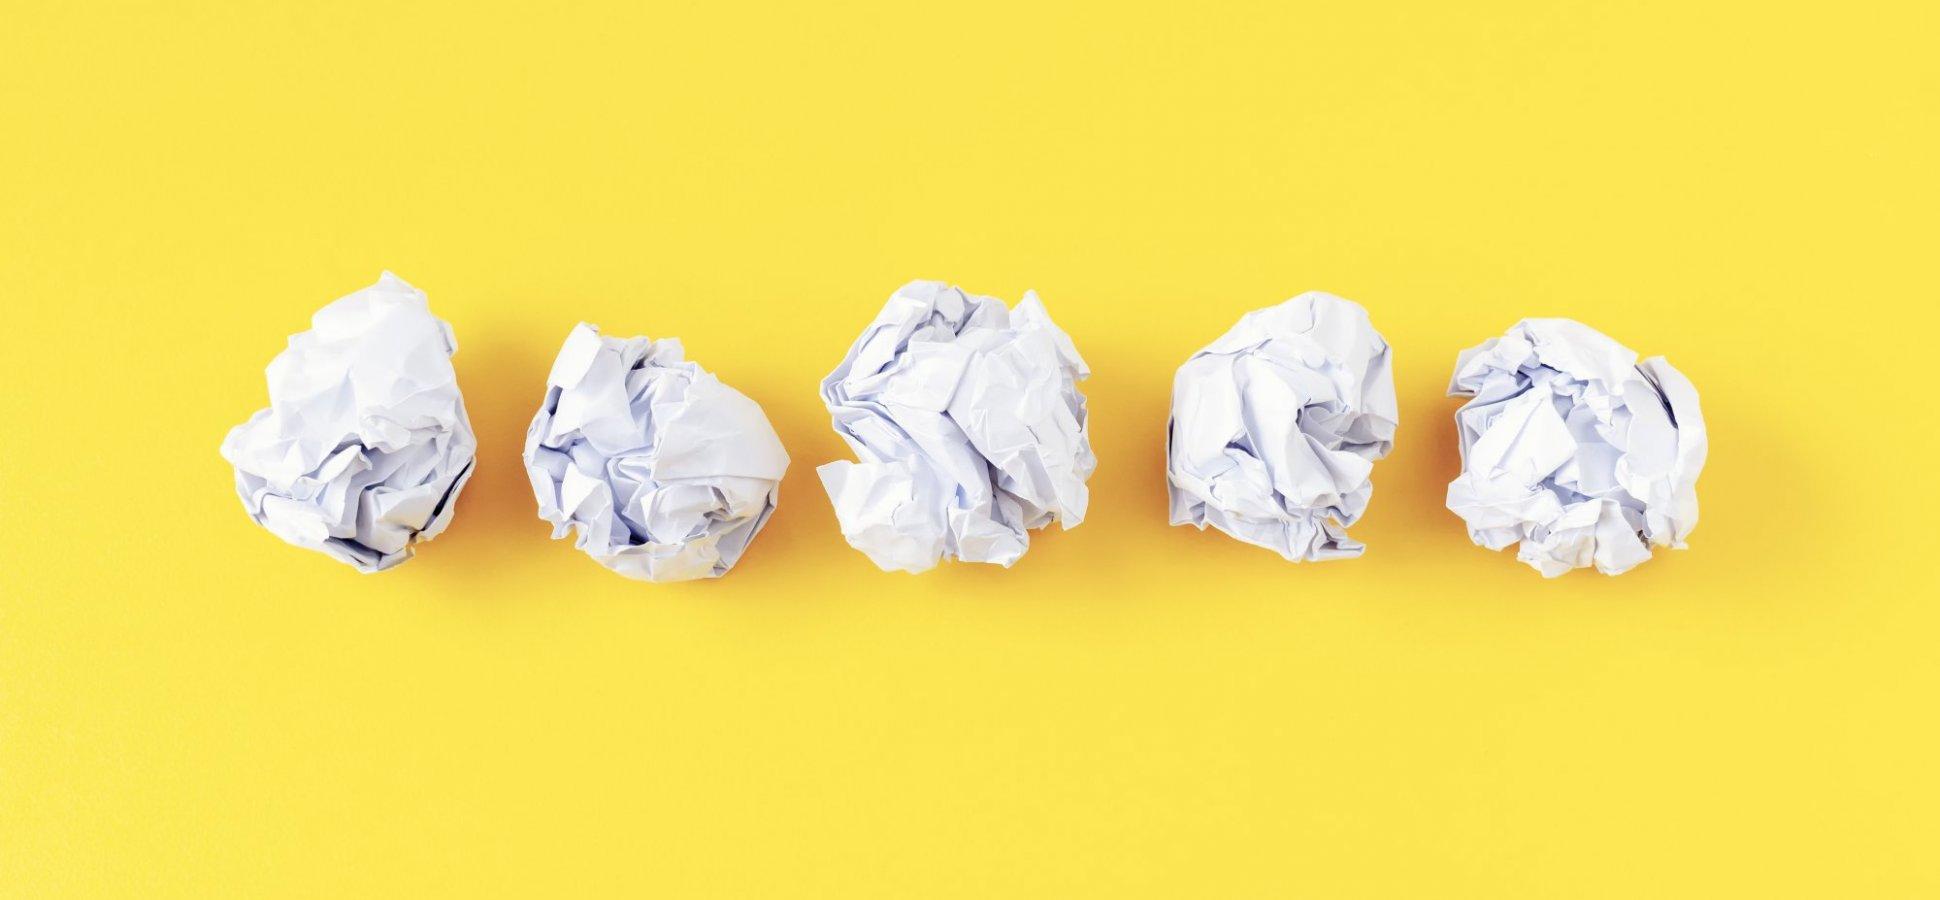 5 Small Business Ideas for the Beginner Entrepreneur